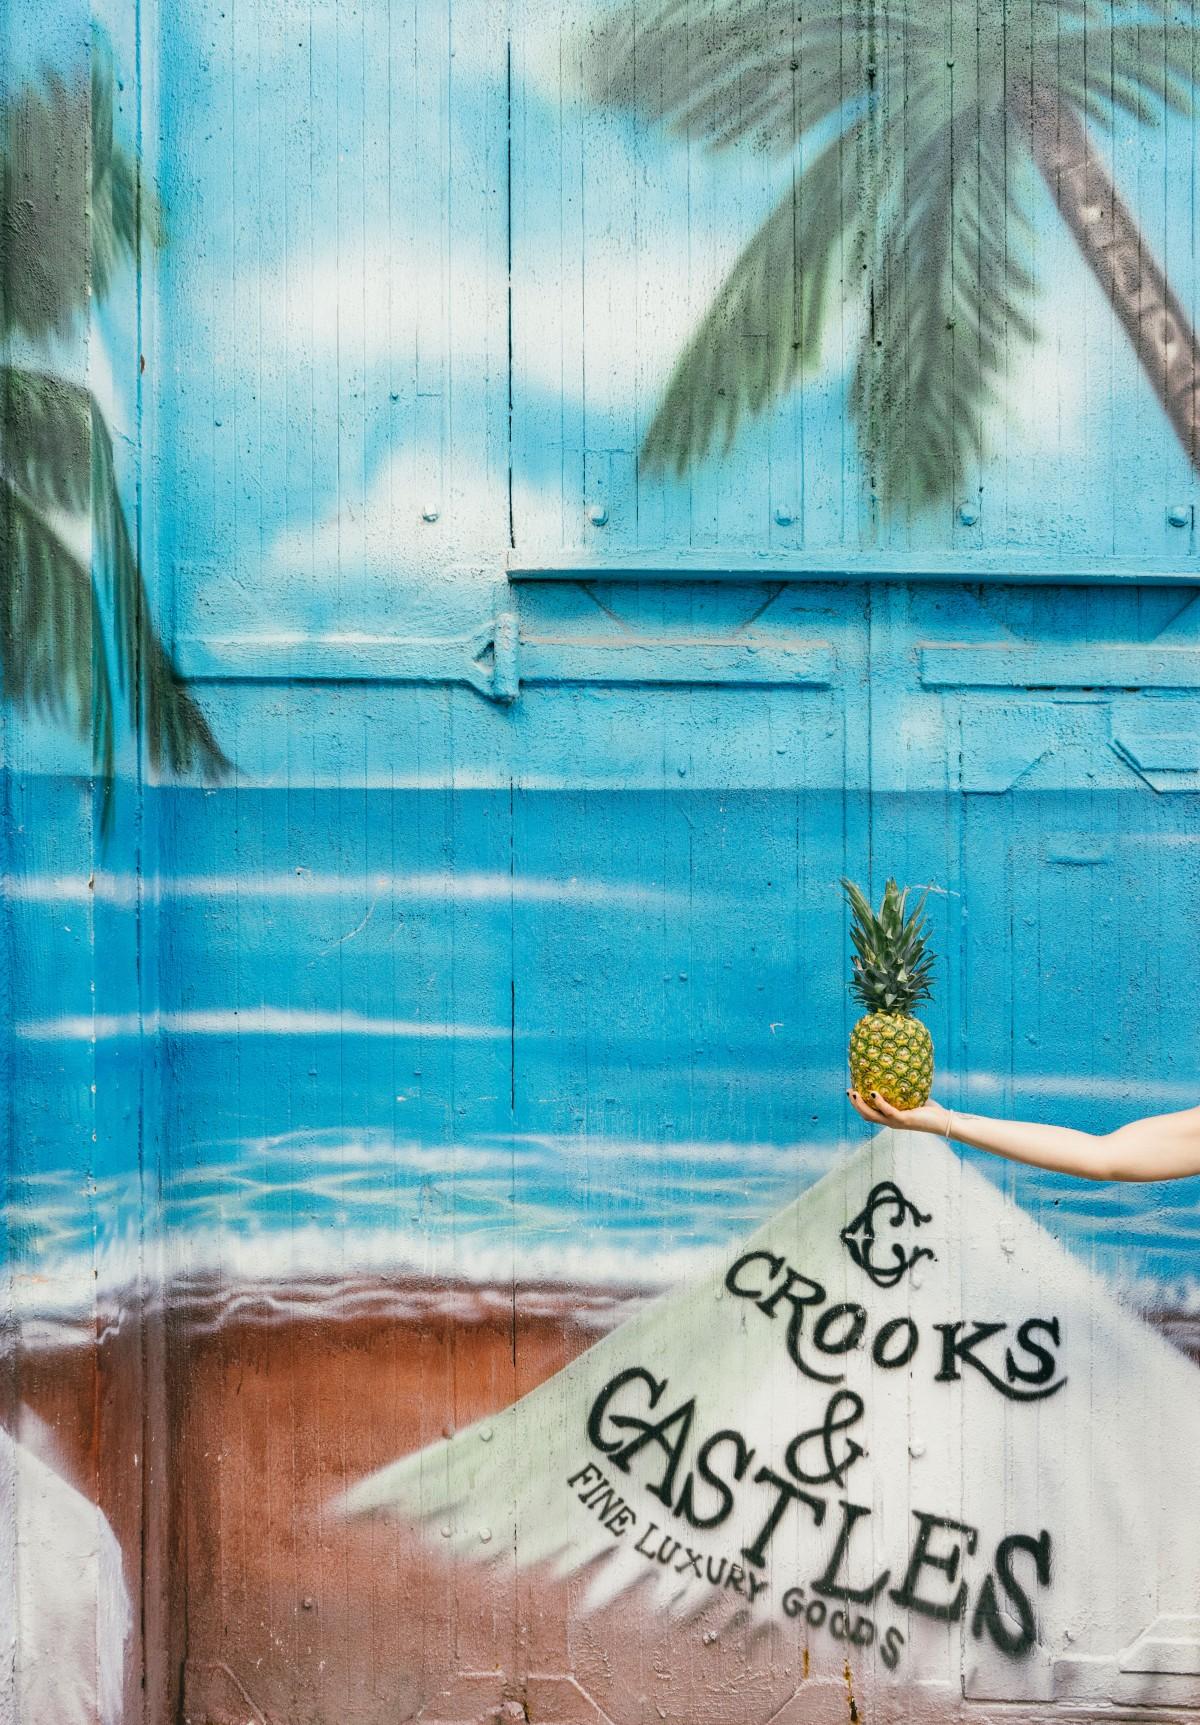 Images Gratuites Bois Fruit Mur Couleur Peindre Bleu